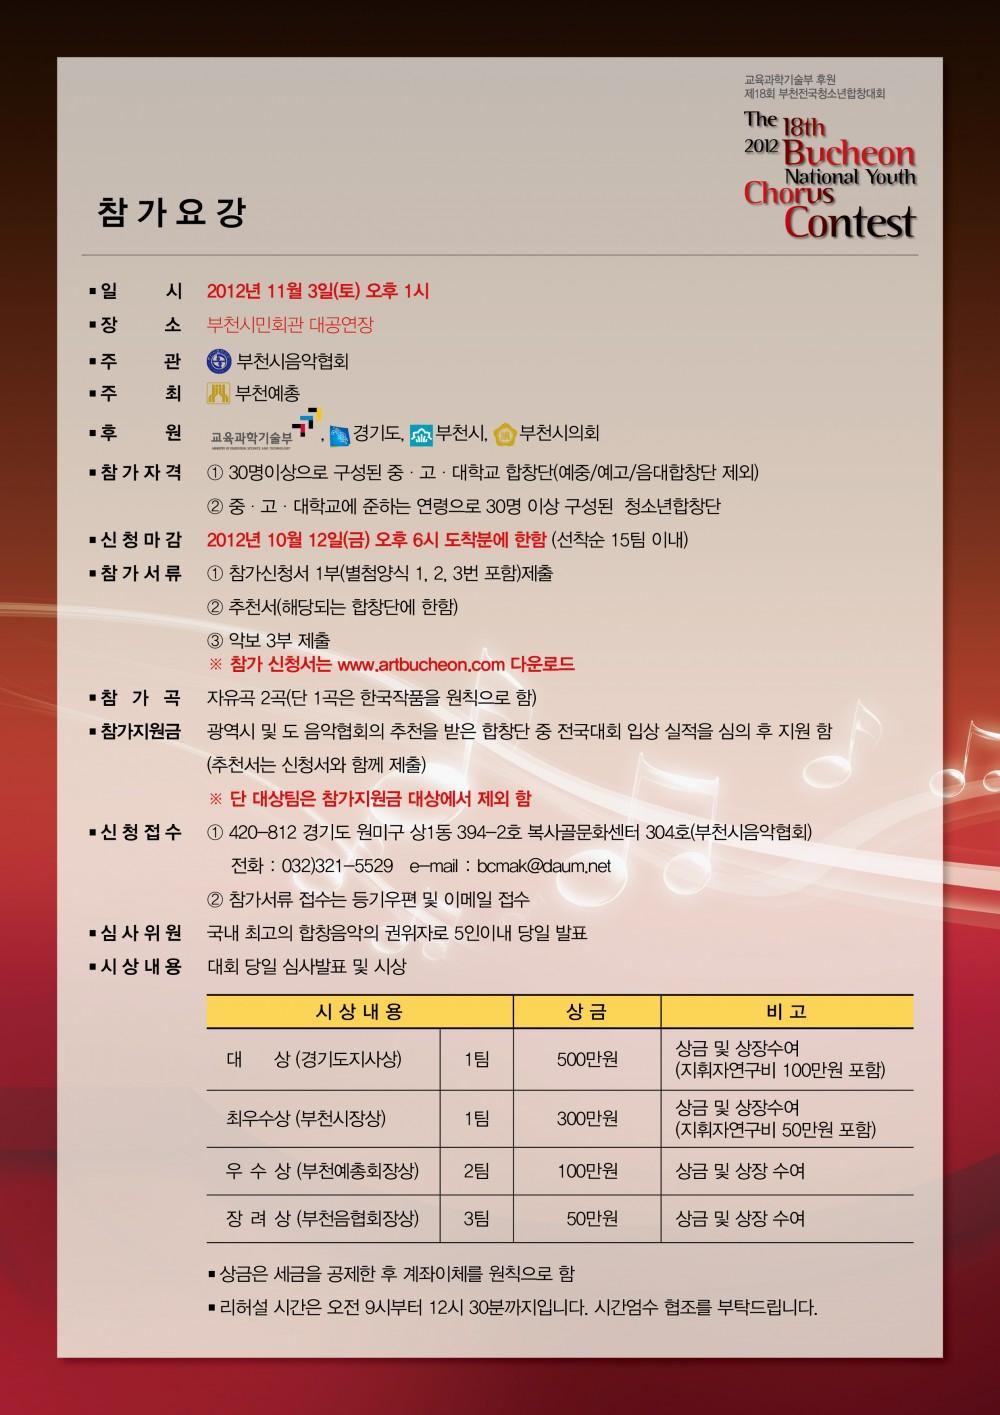 제18회부천청소년합창대회참가요강2.jpg